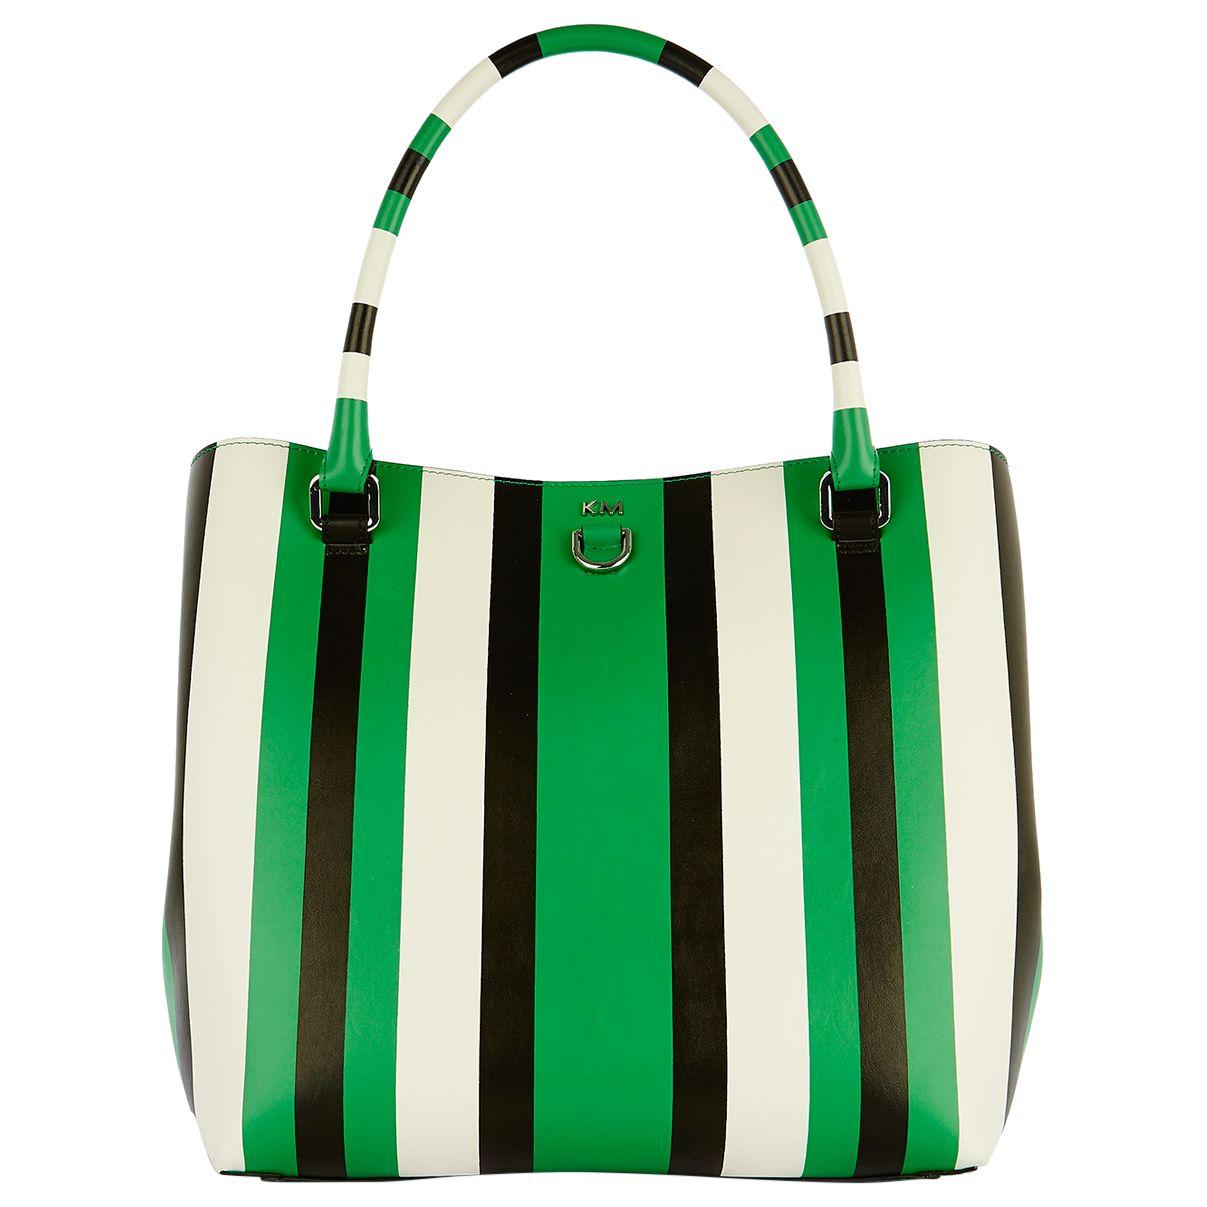 Karen Millen Karen Millen Stripe Bucket Bag, Green/Multi